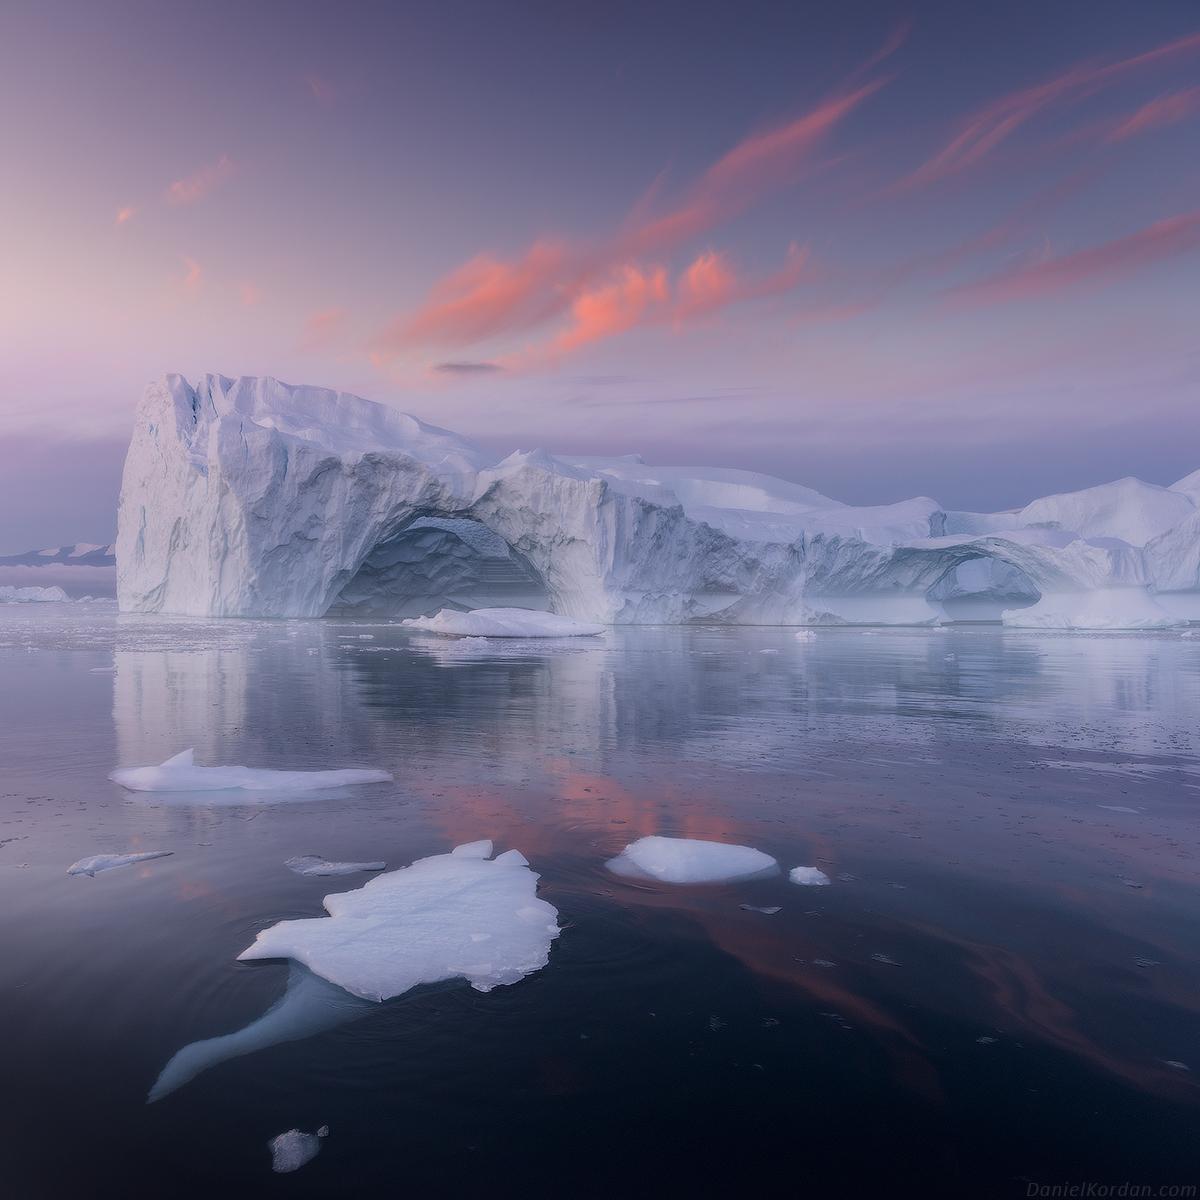 West Greenland Photo Workshop in Disko Bay | Sailing on Schooner - day 5